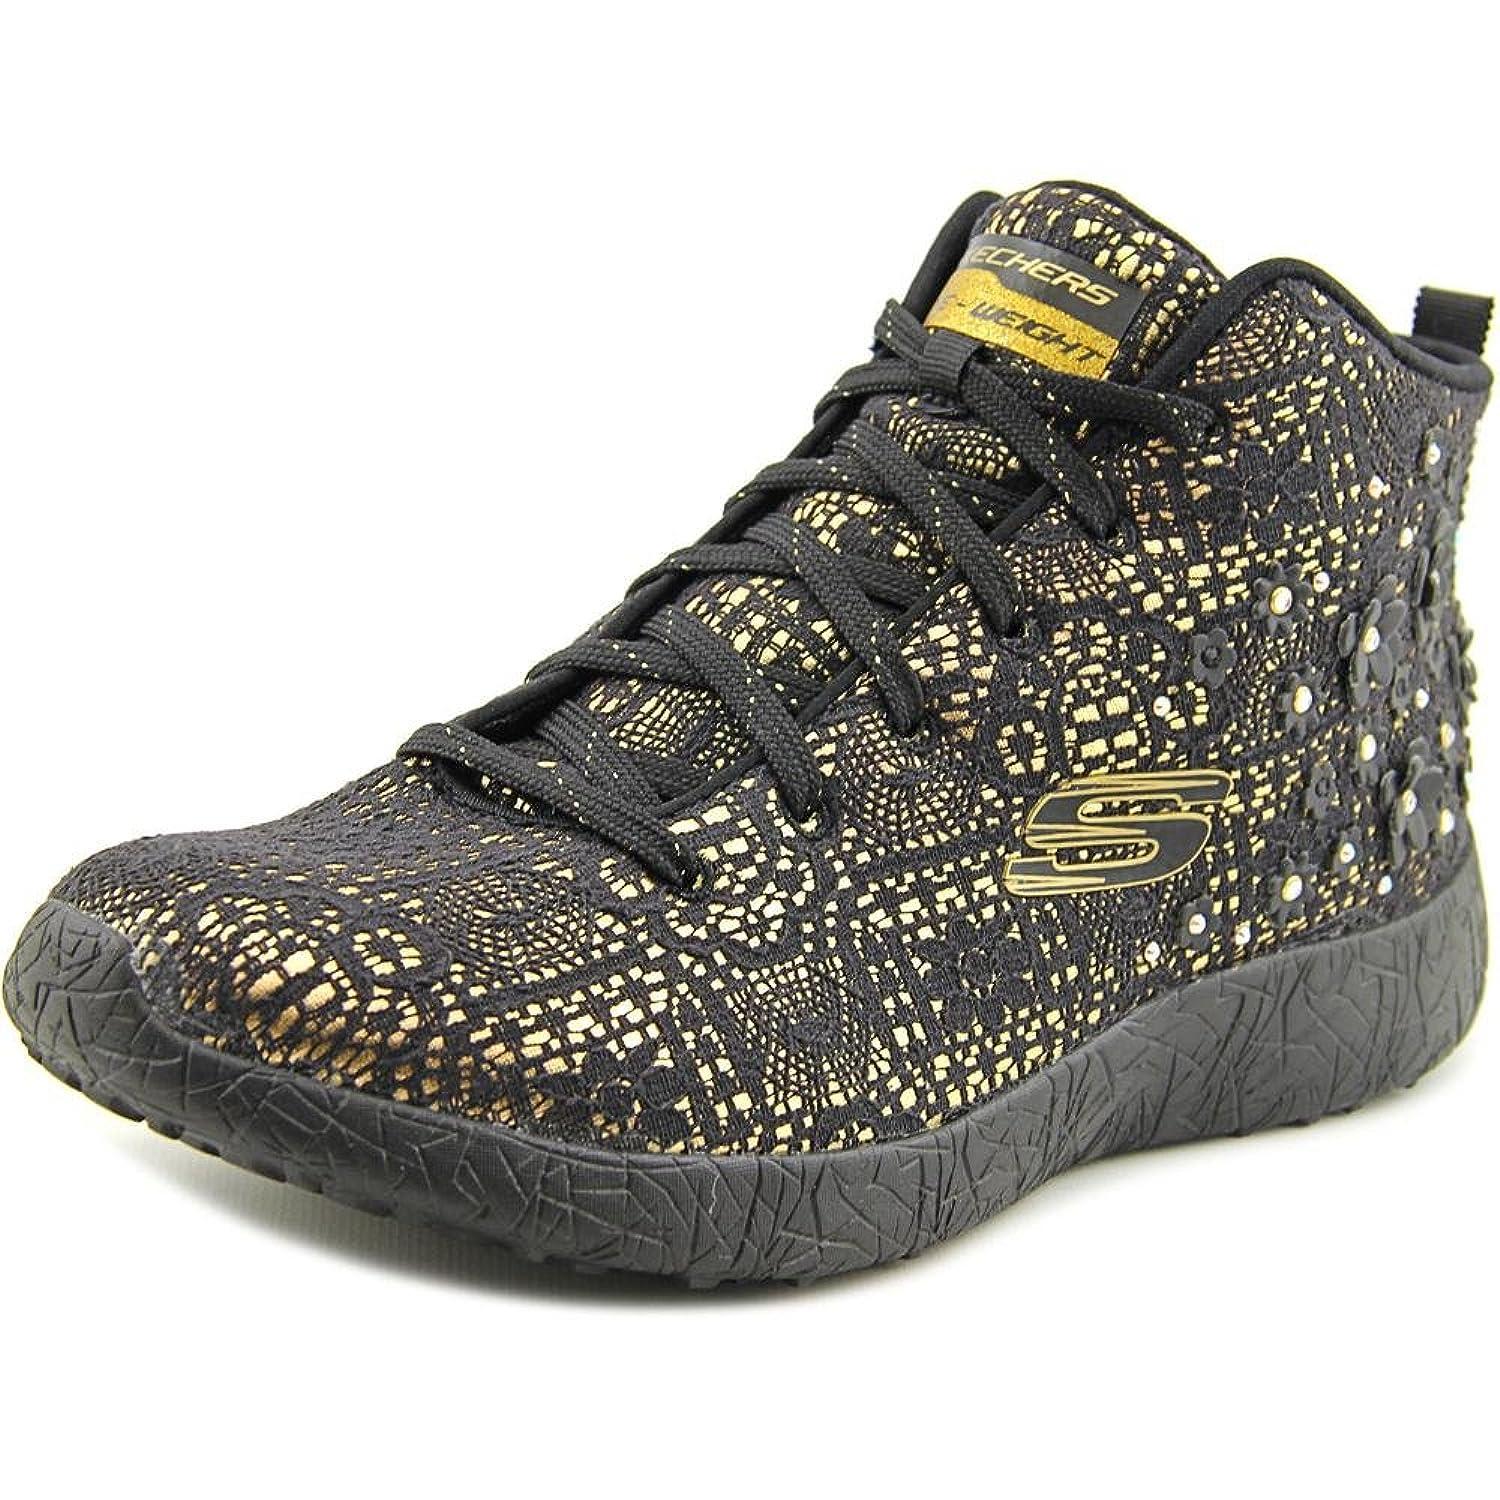 skechers high top sneakers. skechers burst seeing stars high top women round toe canvas black sneakers